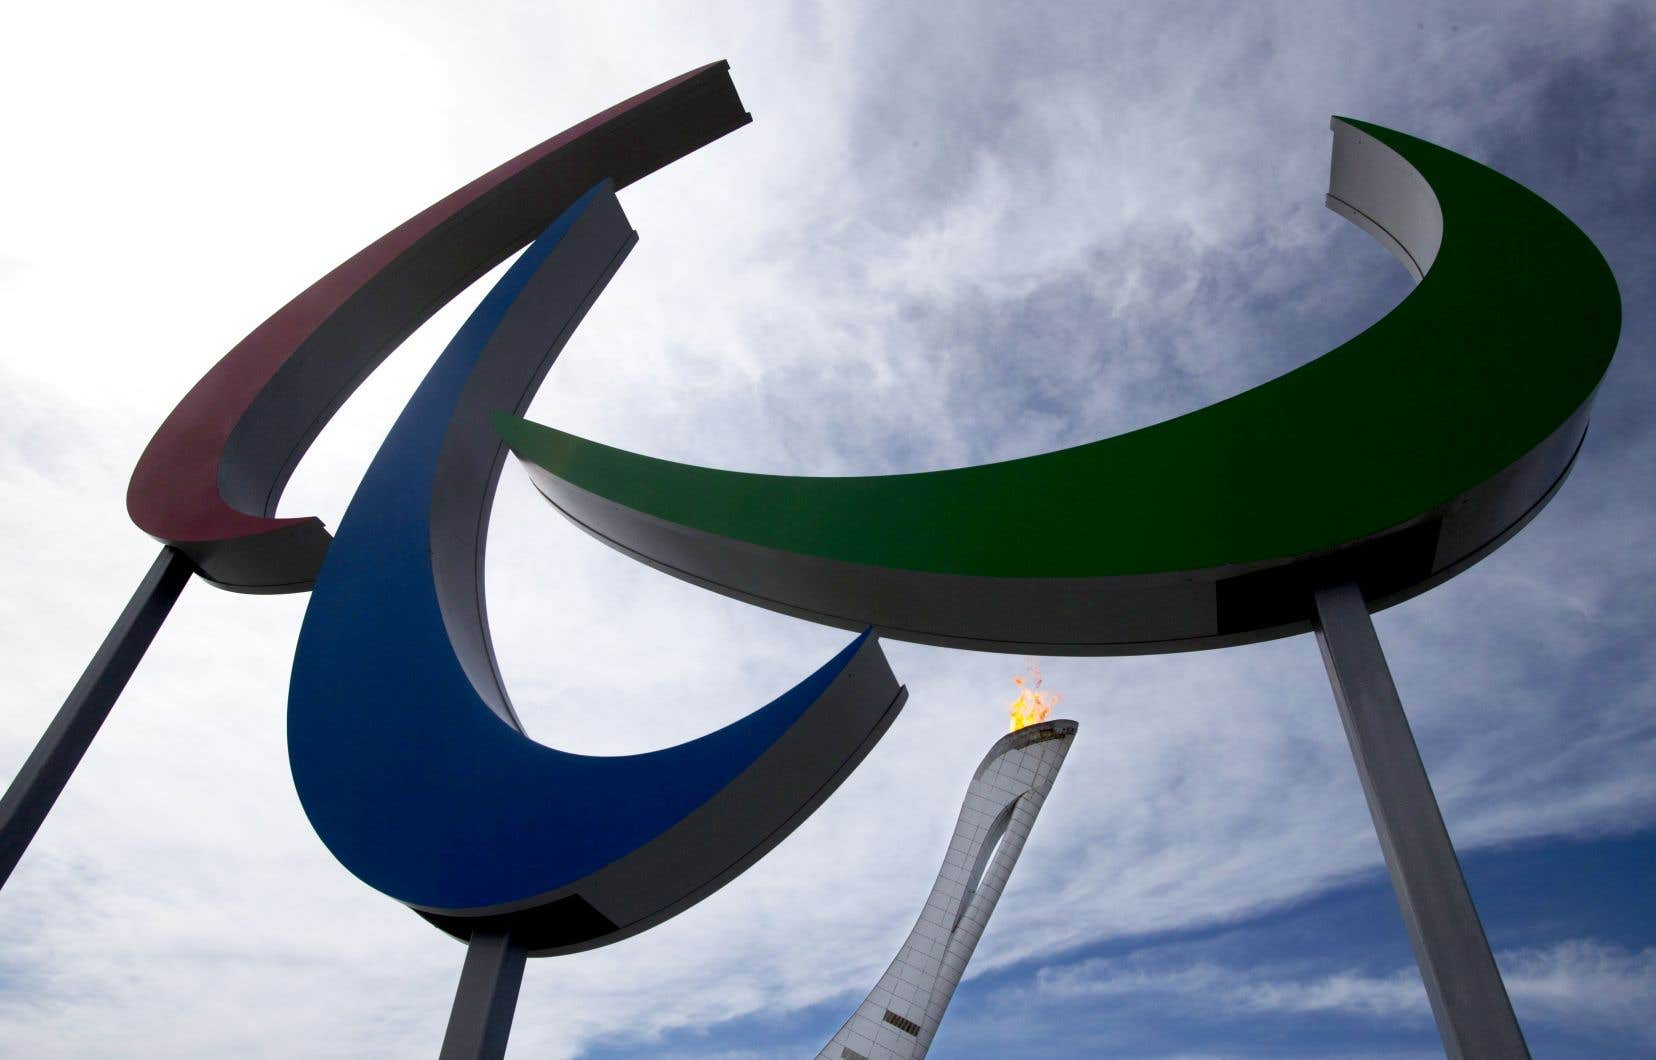 Durant les Jeux olympiques de Sotchi, les autorités russes avaient mis au point un dispositif de dopage d'État leur permettant de falsifier les prélèvements de sportifs dopés.